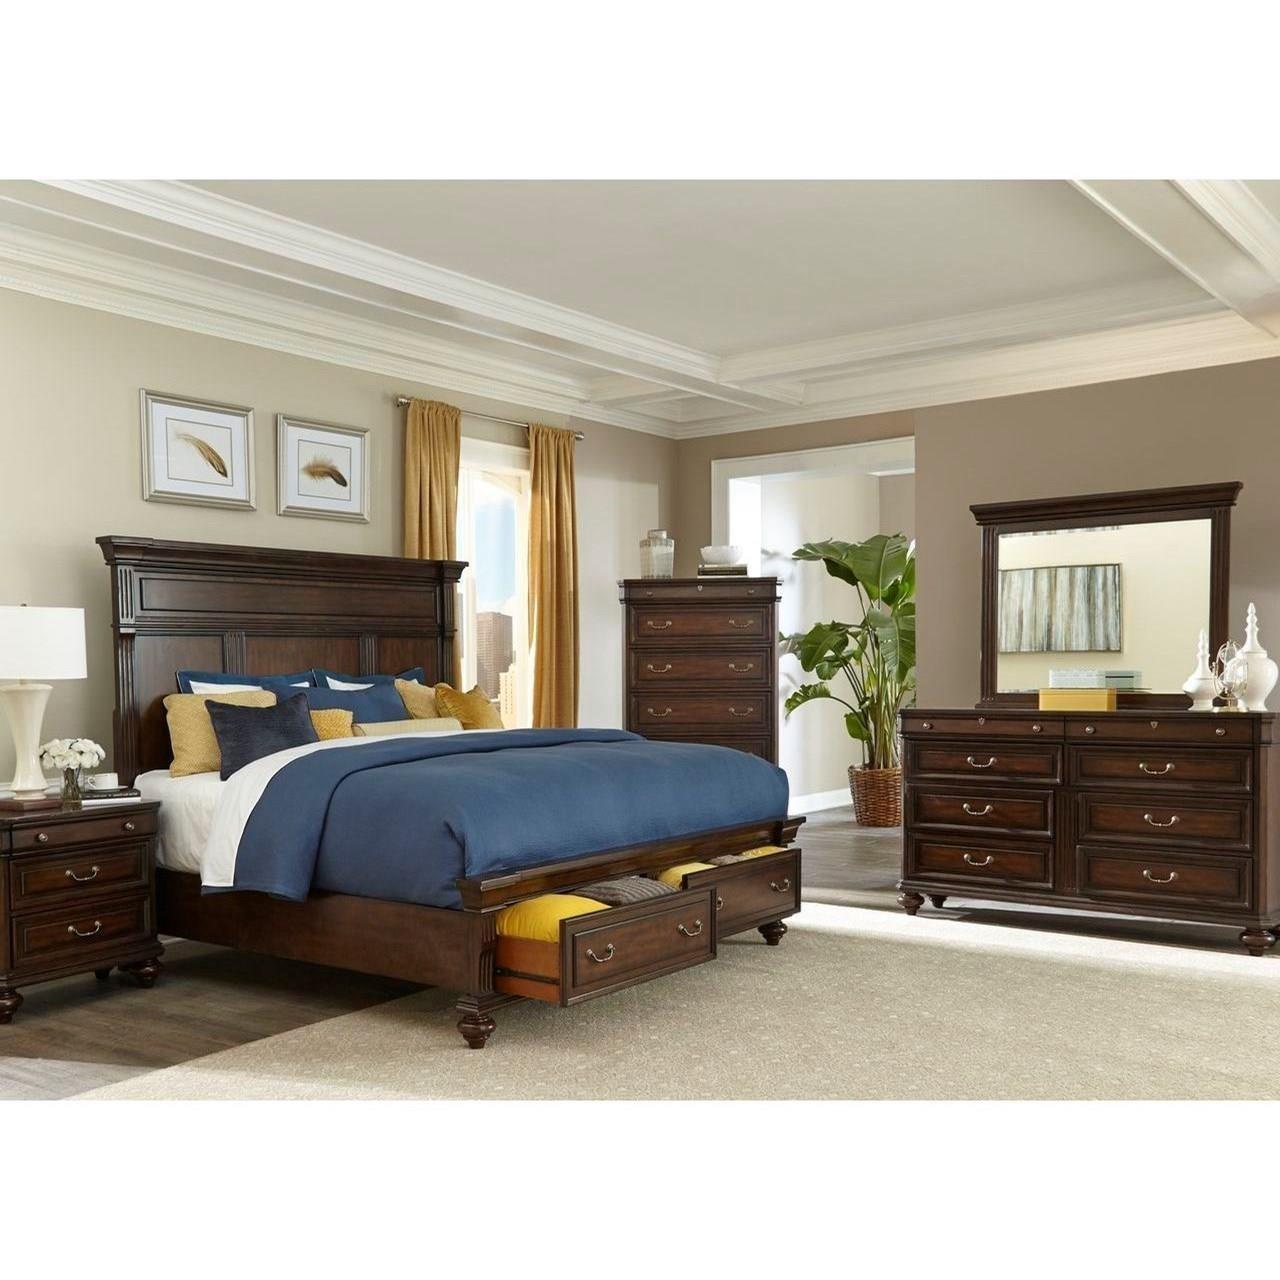 Lifestyle Harrison Queen 6-Piece Bedroom Group - Item Number: C6168S Q 4-Piece Bedroom Group